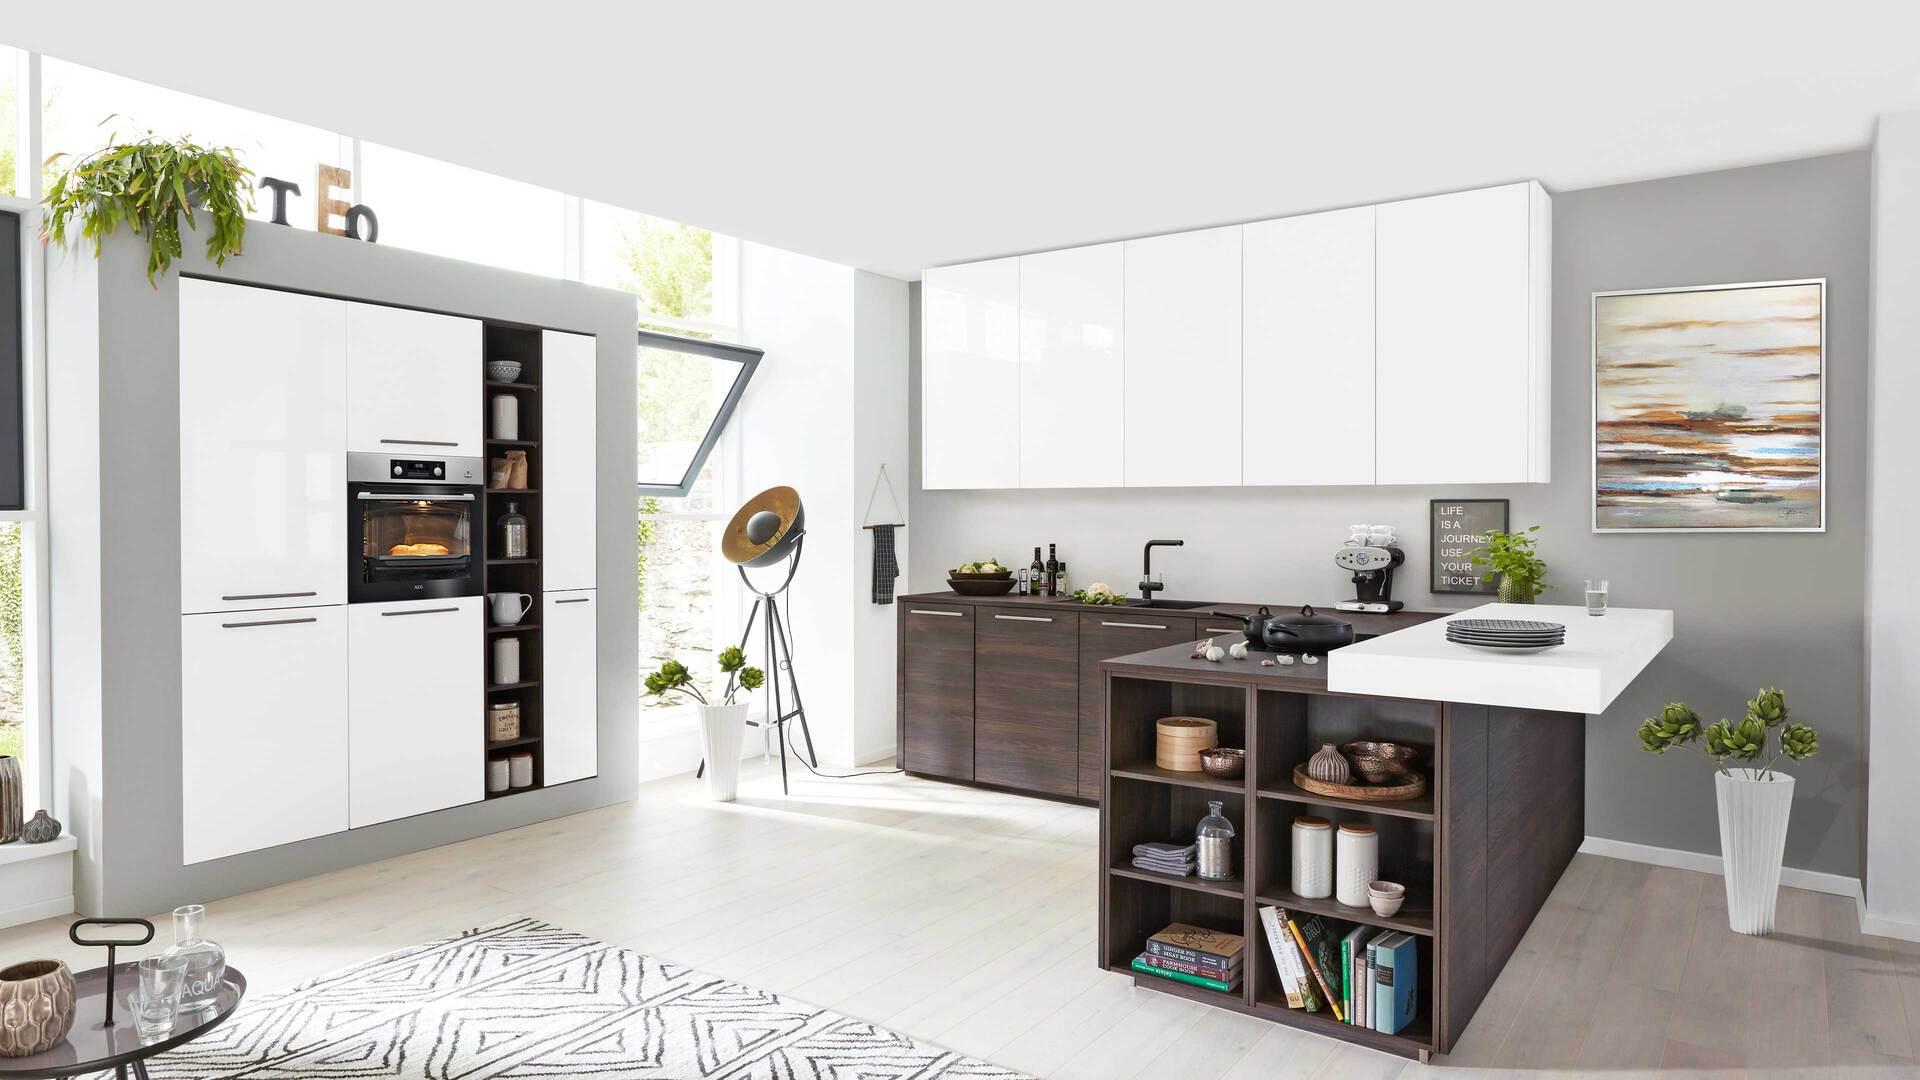 Interliving Küche Serie 3003 mit AEG Einbaugeräten